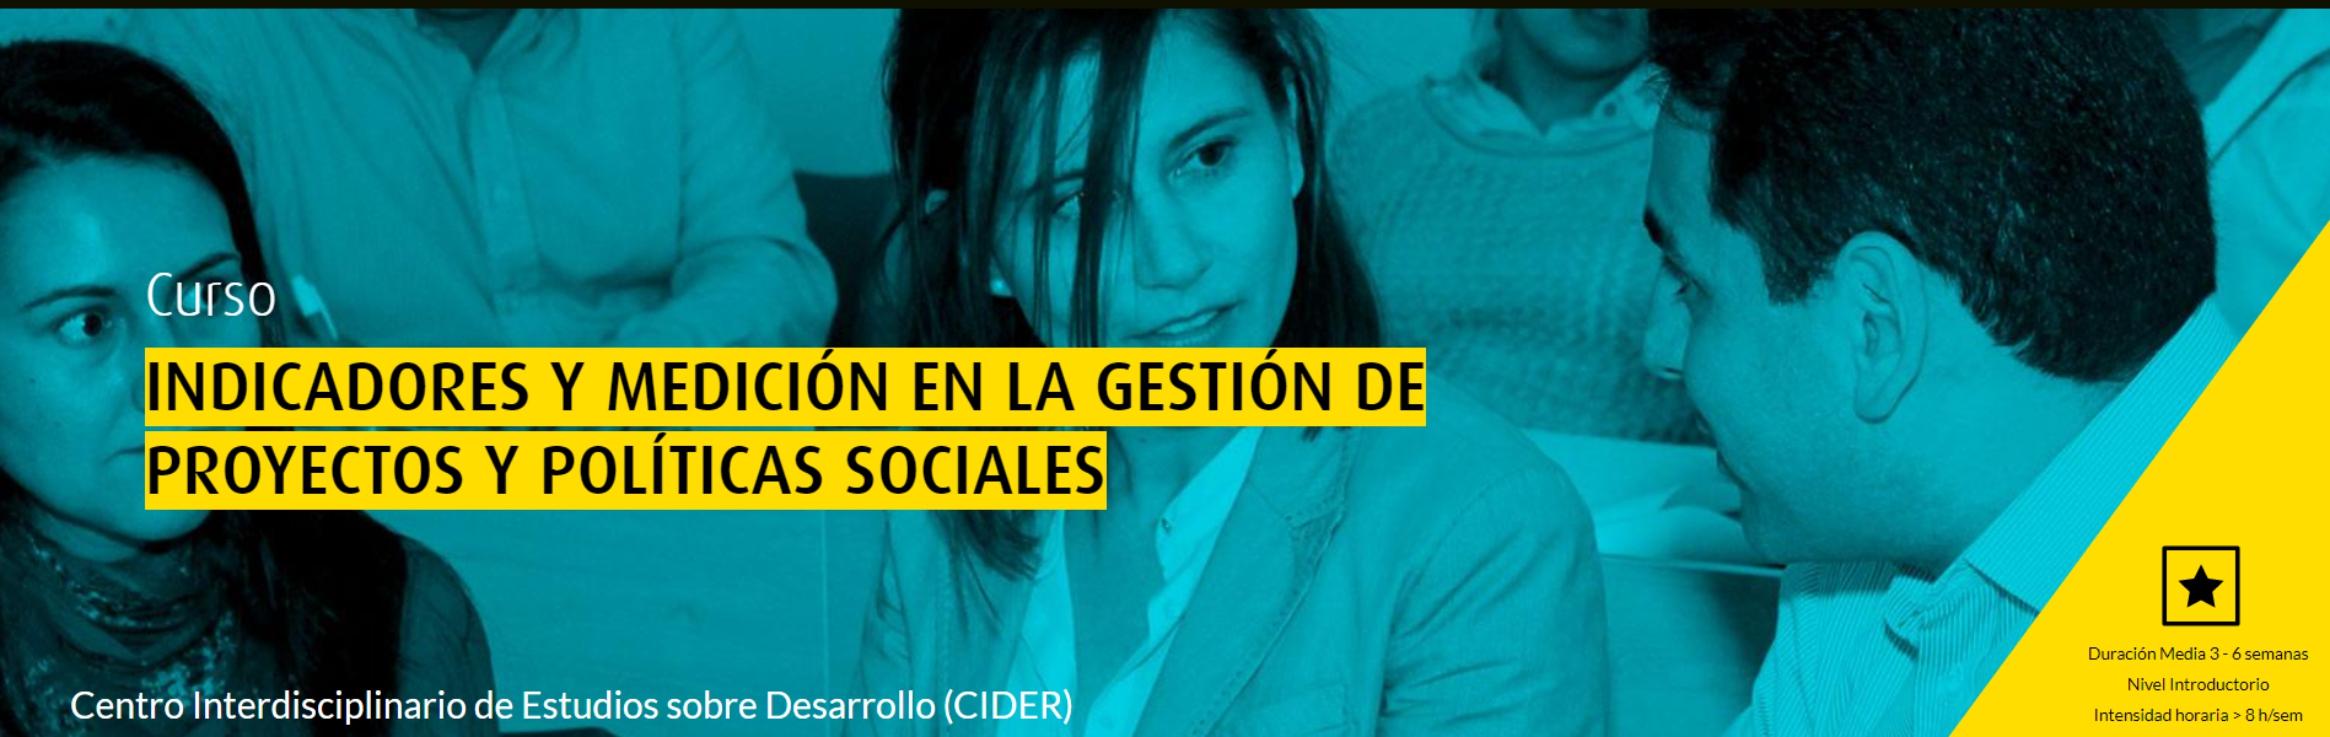 Abiertas las inscripciones para el curso Indicadores y Medición en la Gestión de Proyectos y Políticas Sociales Cider | Uniandes